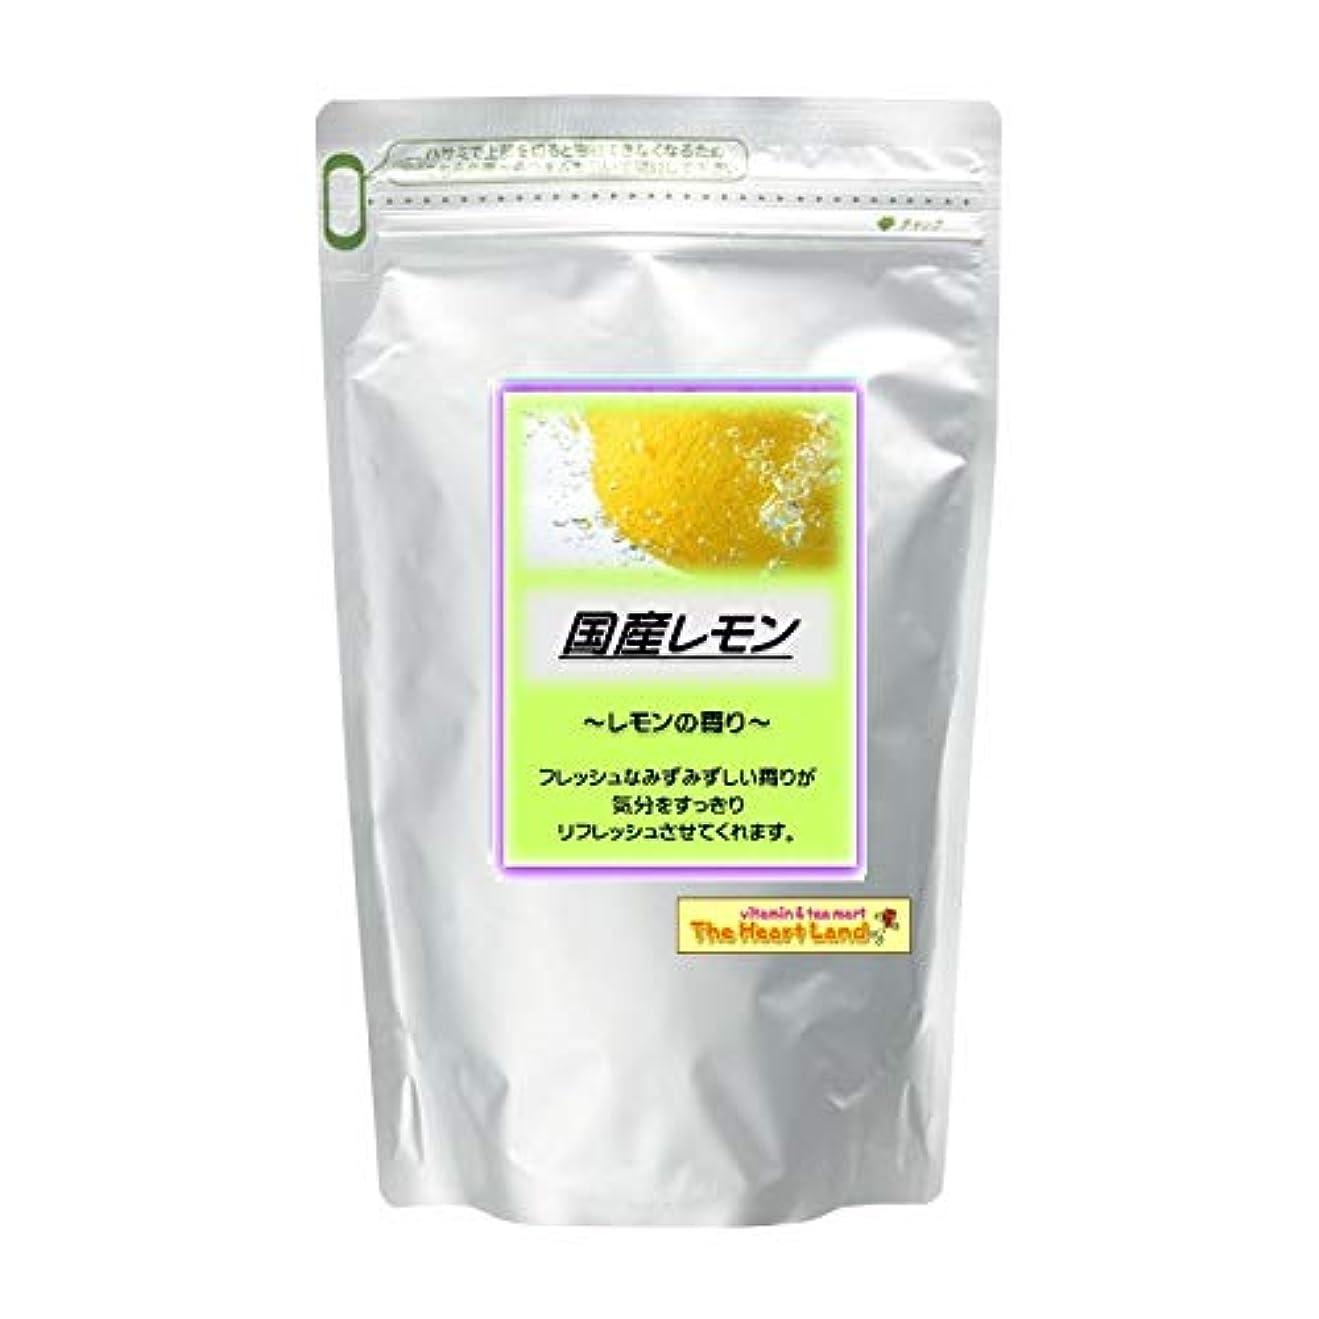 アルバム安心トロリーアサヒ入浴剤 浴用入浴化粧品 国産レモン 300g